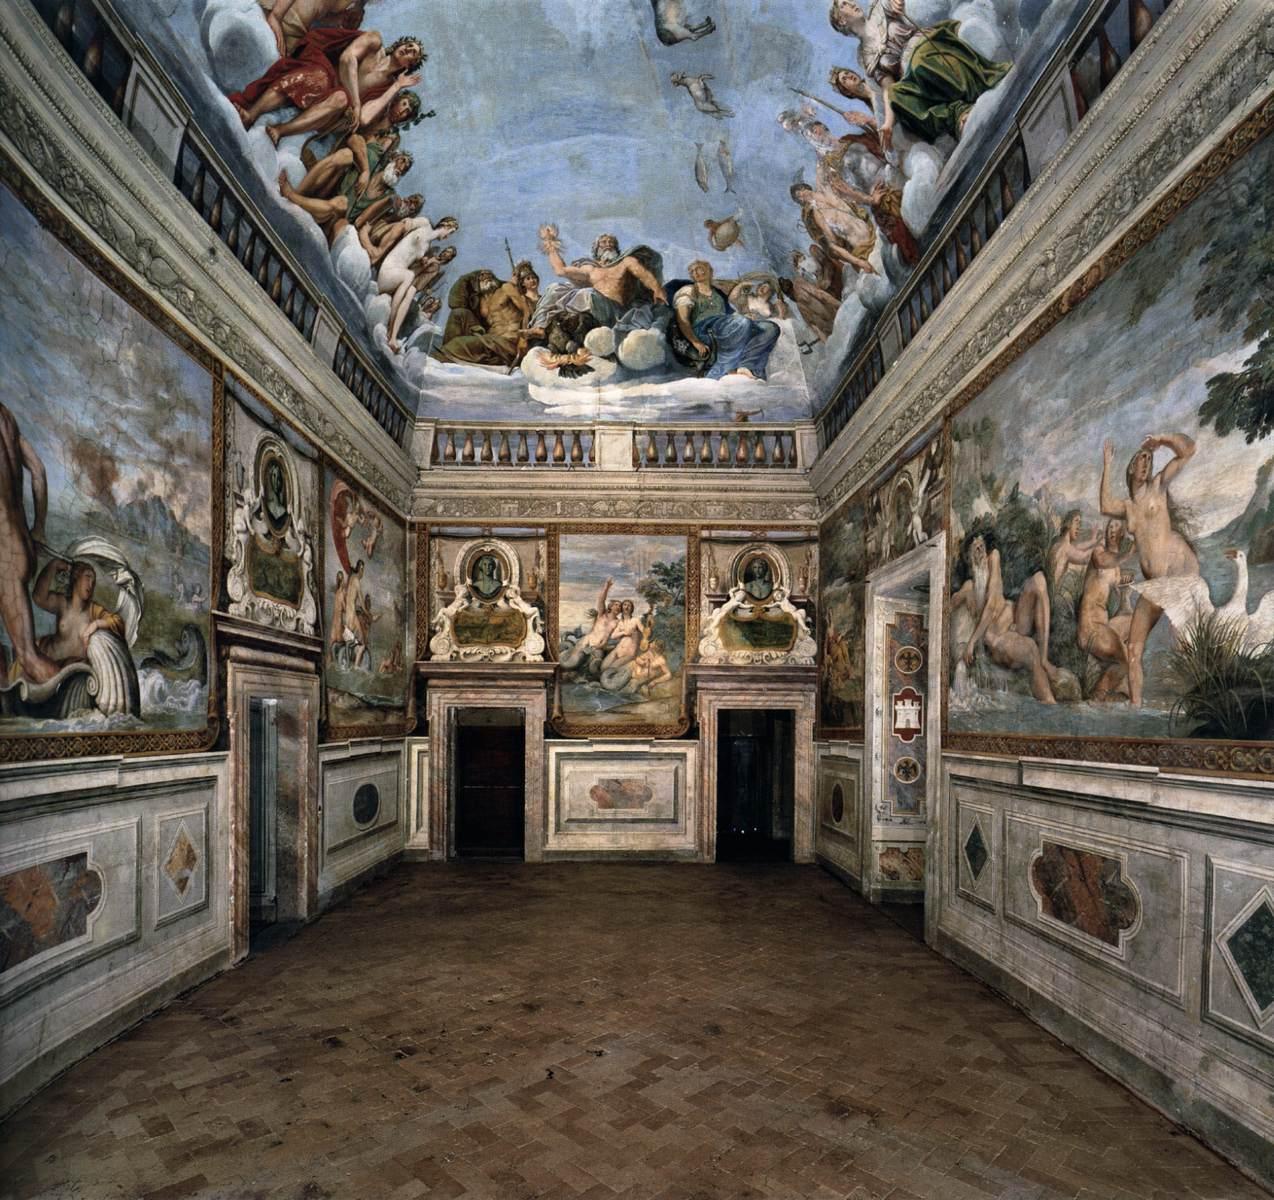 Matrimonio Bassano Romano : Frescoes in the palazzo odescalchi giustiniani bassano